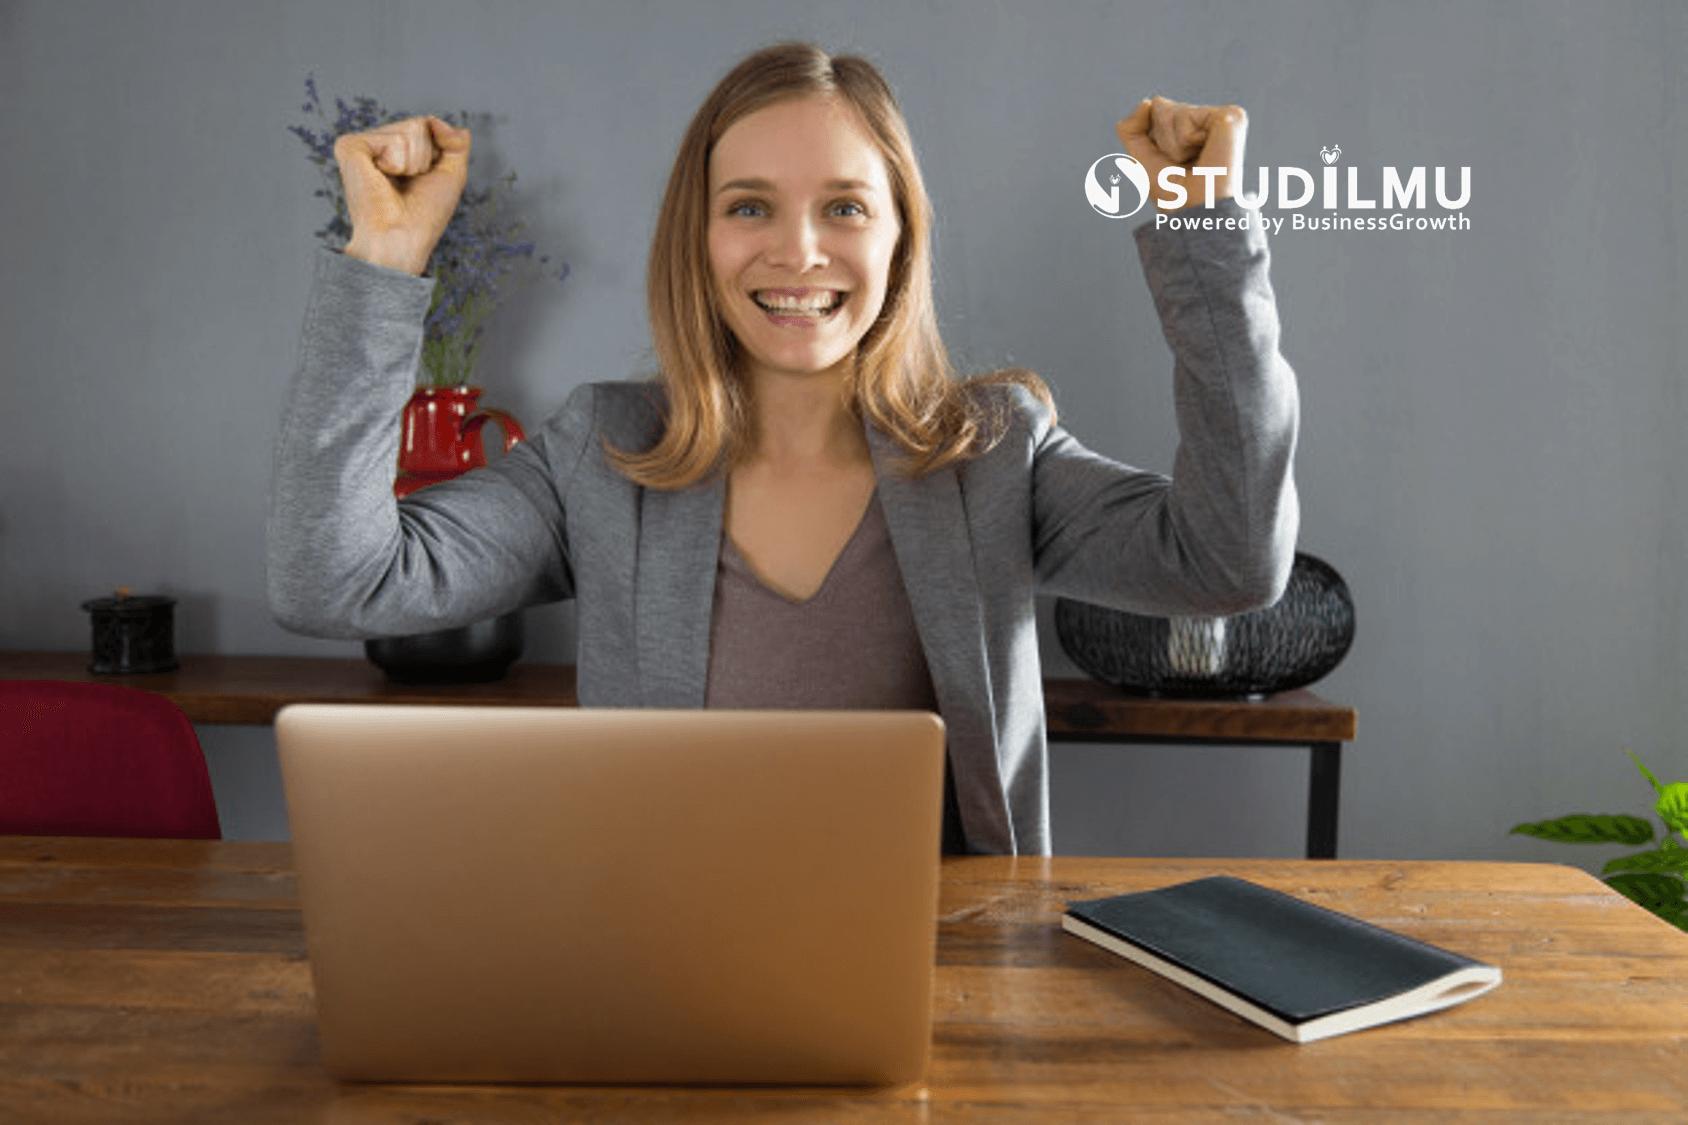 STUDILMU Career Advice - 5 Kualitas yang Perlu Diterapkan untuk Menjadi Orang yang Optimis